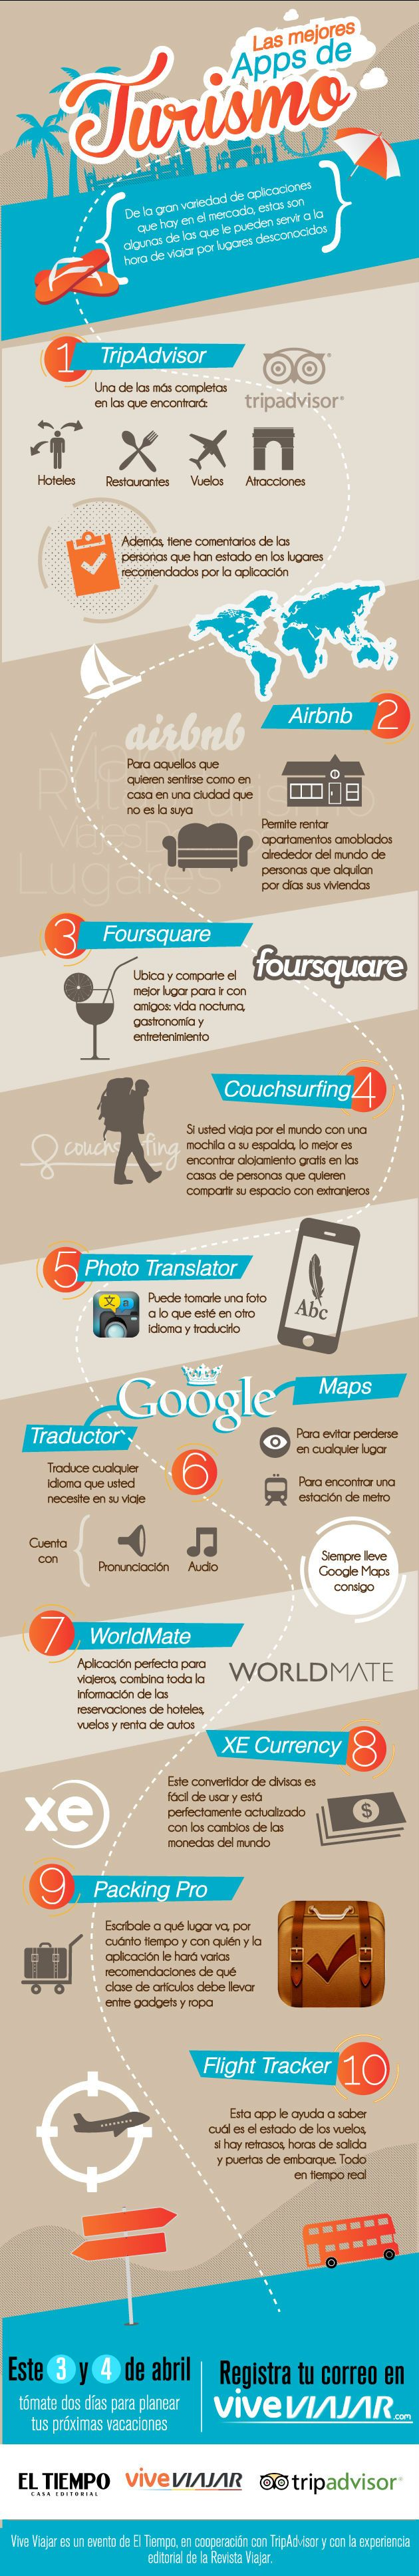 Aplicaciones Móviles para llevar en tus vacaciones #infografía